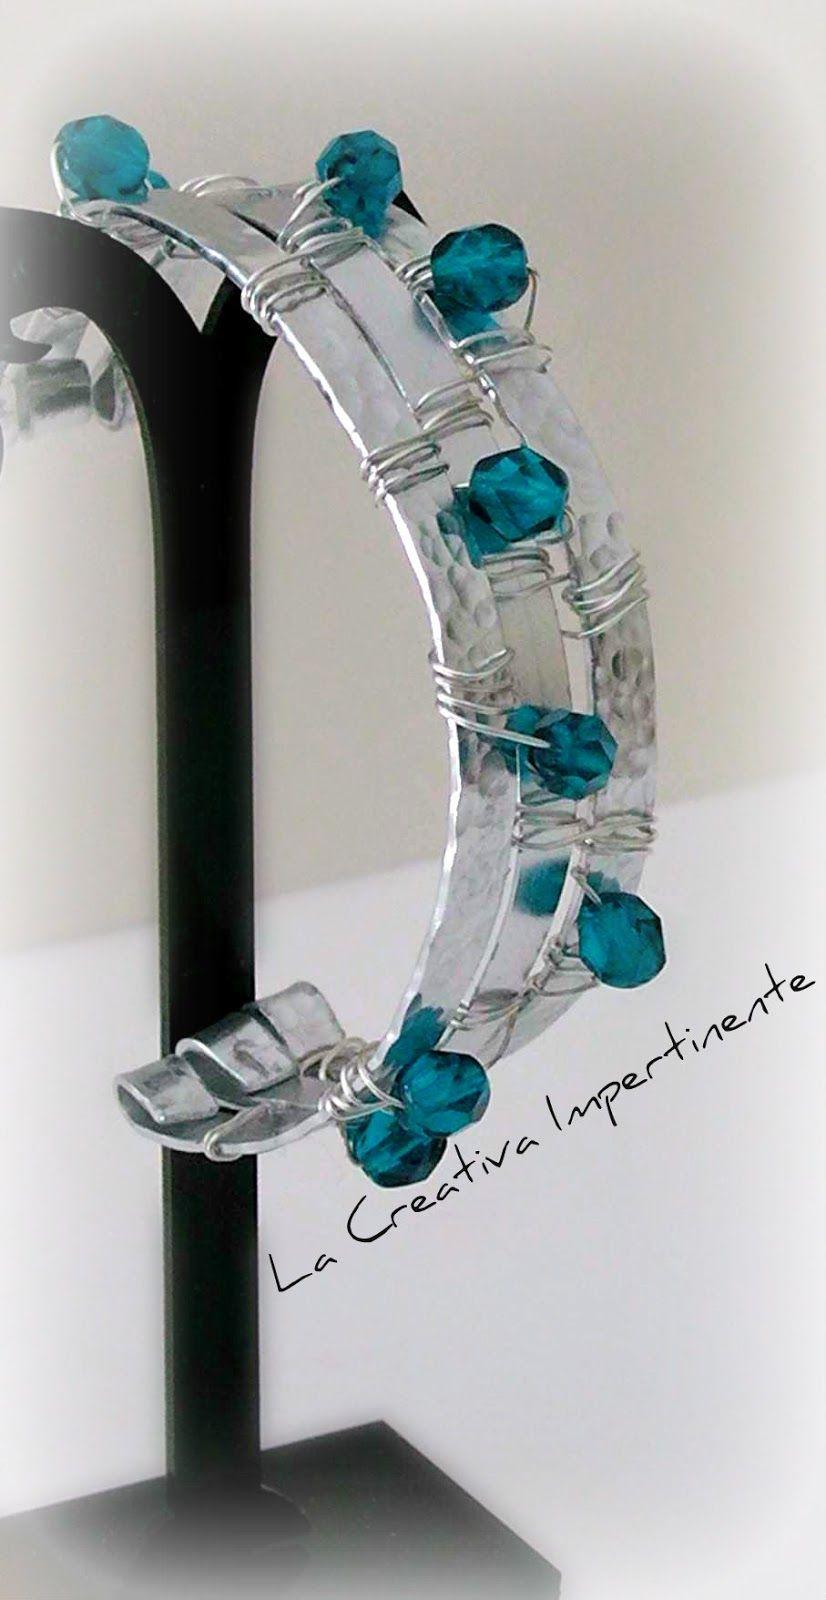 Bracciale in alluminio piatto - tecnica Wire | Bracelets, Wire ...